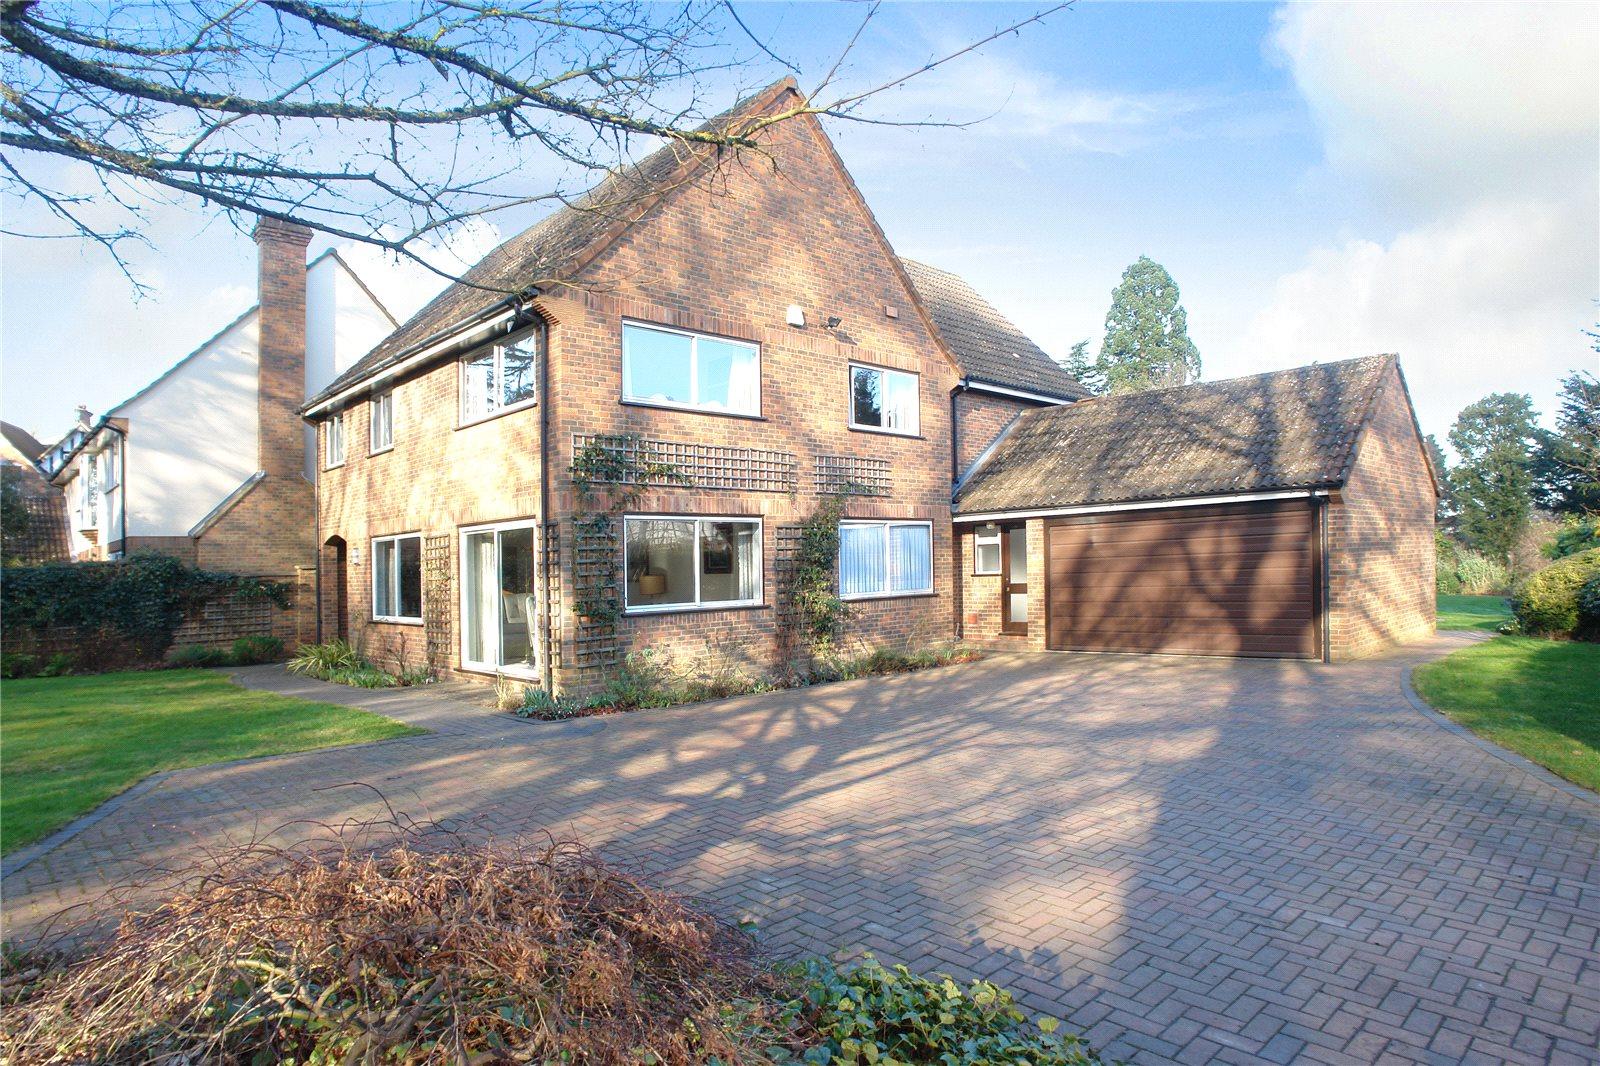 Μονοκατοικία για την Πώληση στο East Common, Harpenden, Hertfordshire, AL5 Harpenden, Αγγλια